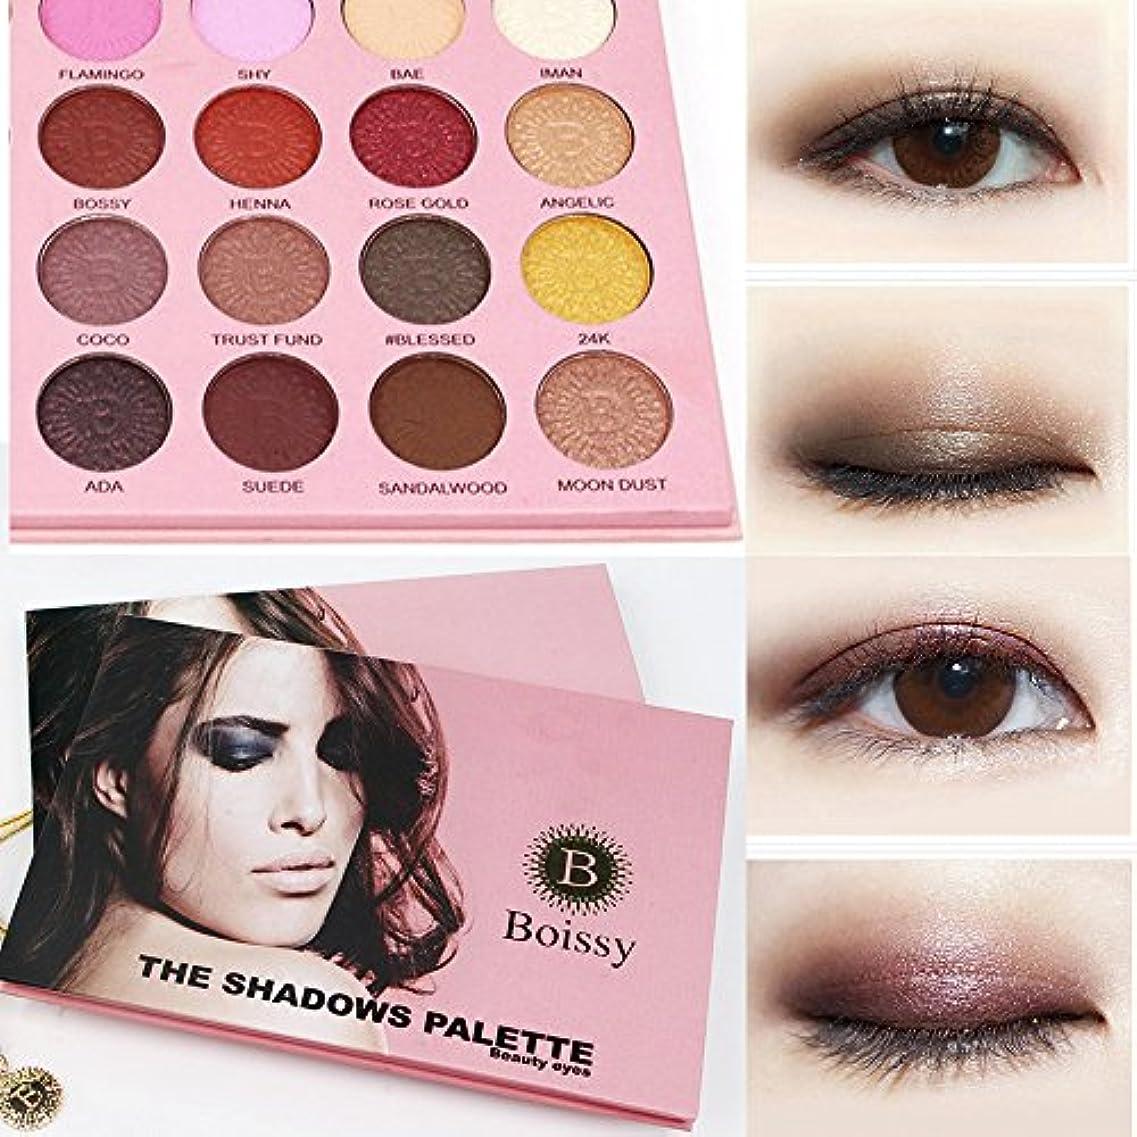 スラム街インカ帝国脇にビューティー アイシャドー BOBOGOJP 24色 パール/マット 2in1 アイシャドー パレット 化粧セット Eyeshadow Palette 携帯便利 多機能 アイメイク道具 (Multicolor)